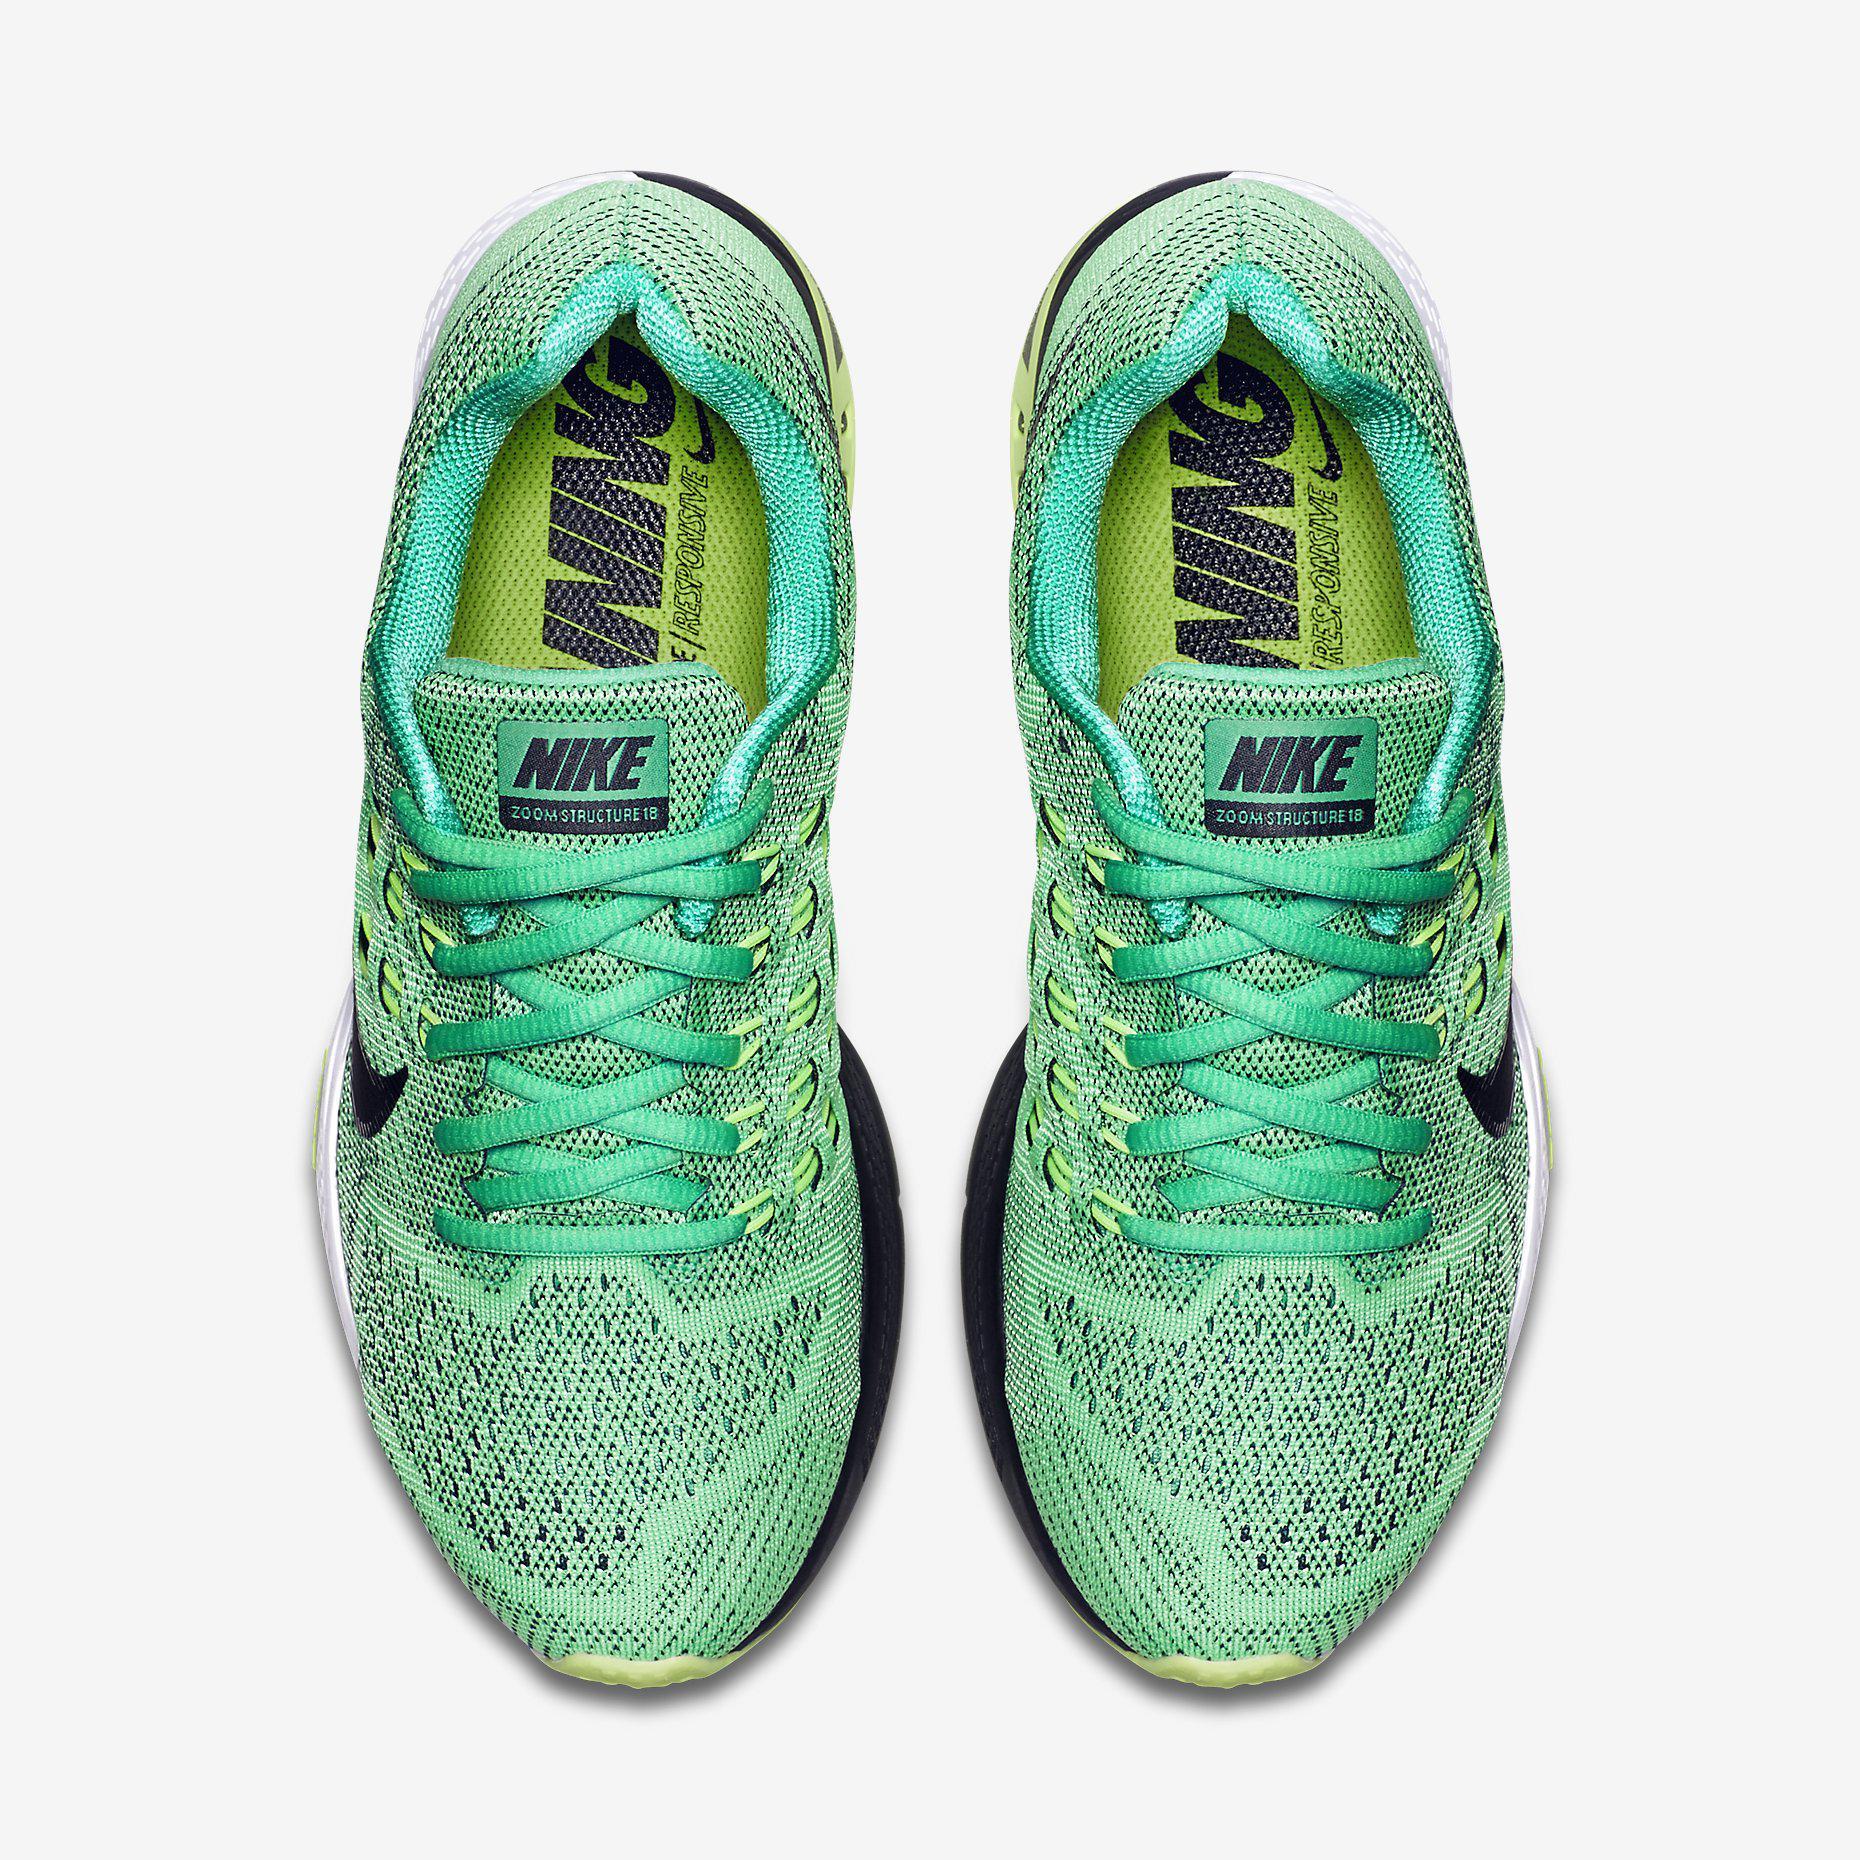 Nike Zoom Structure Aire 18 De Las Mujeres Resultados Del Abierto De Australia zAEph2r8